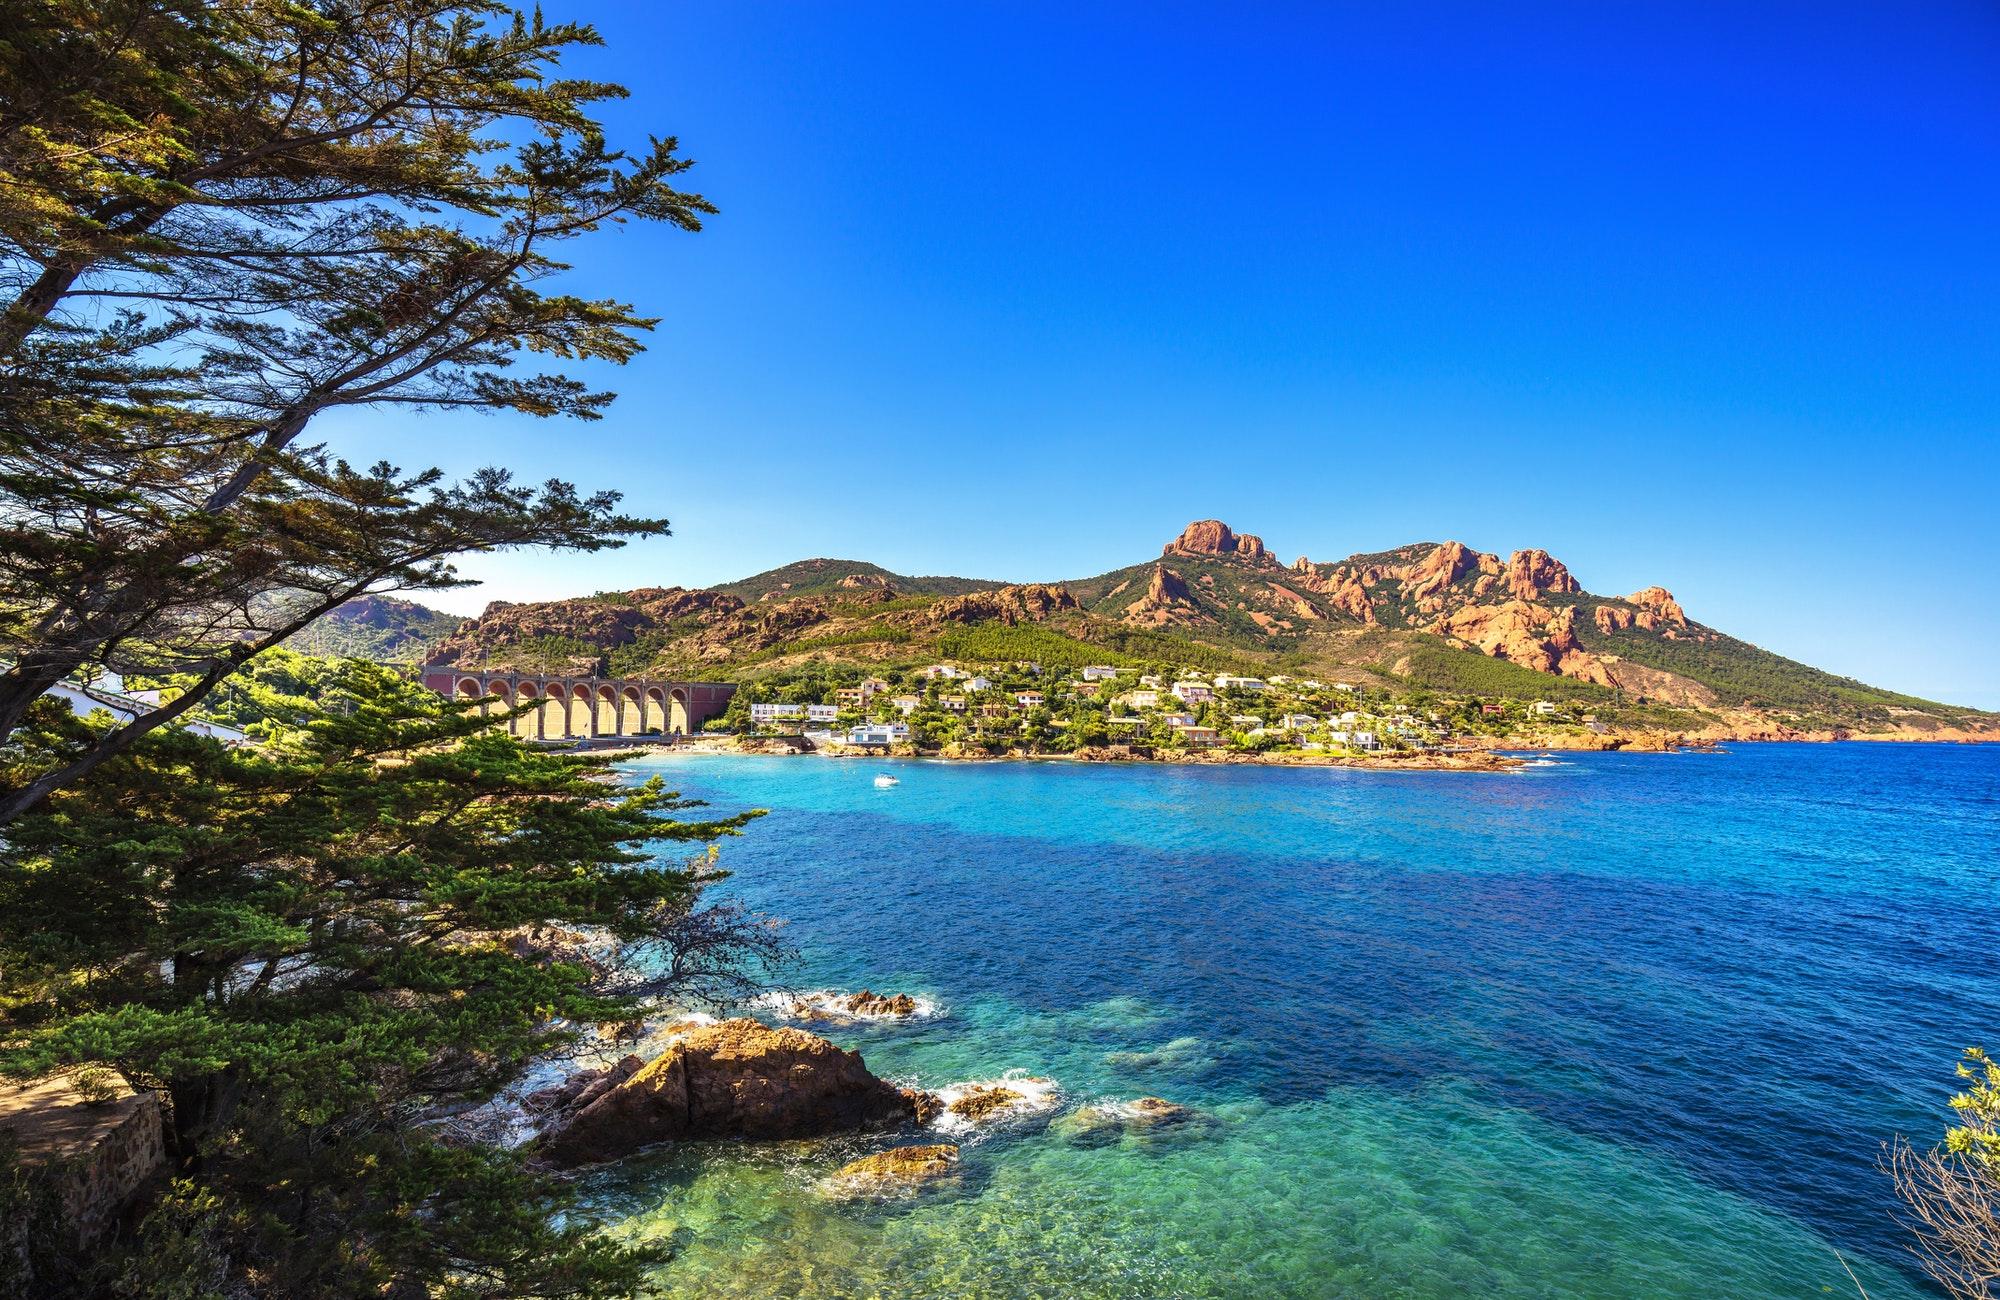 La costa azul en francia